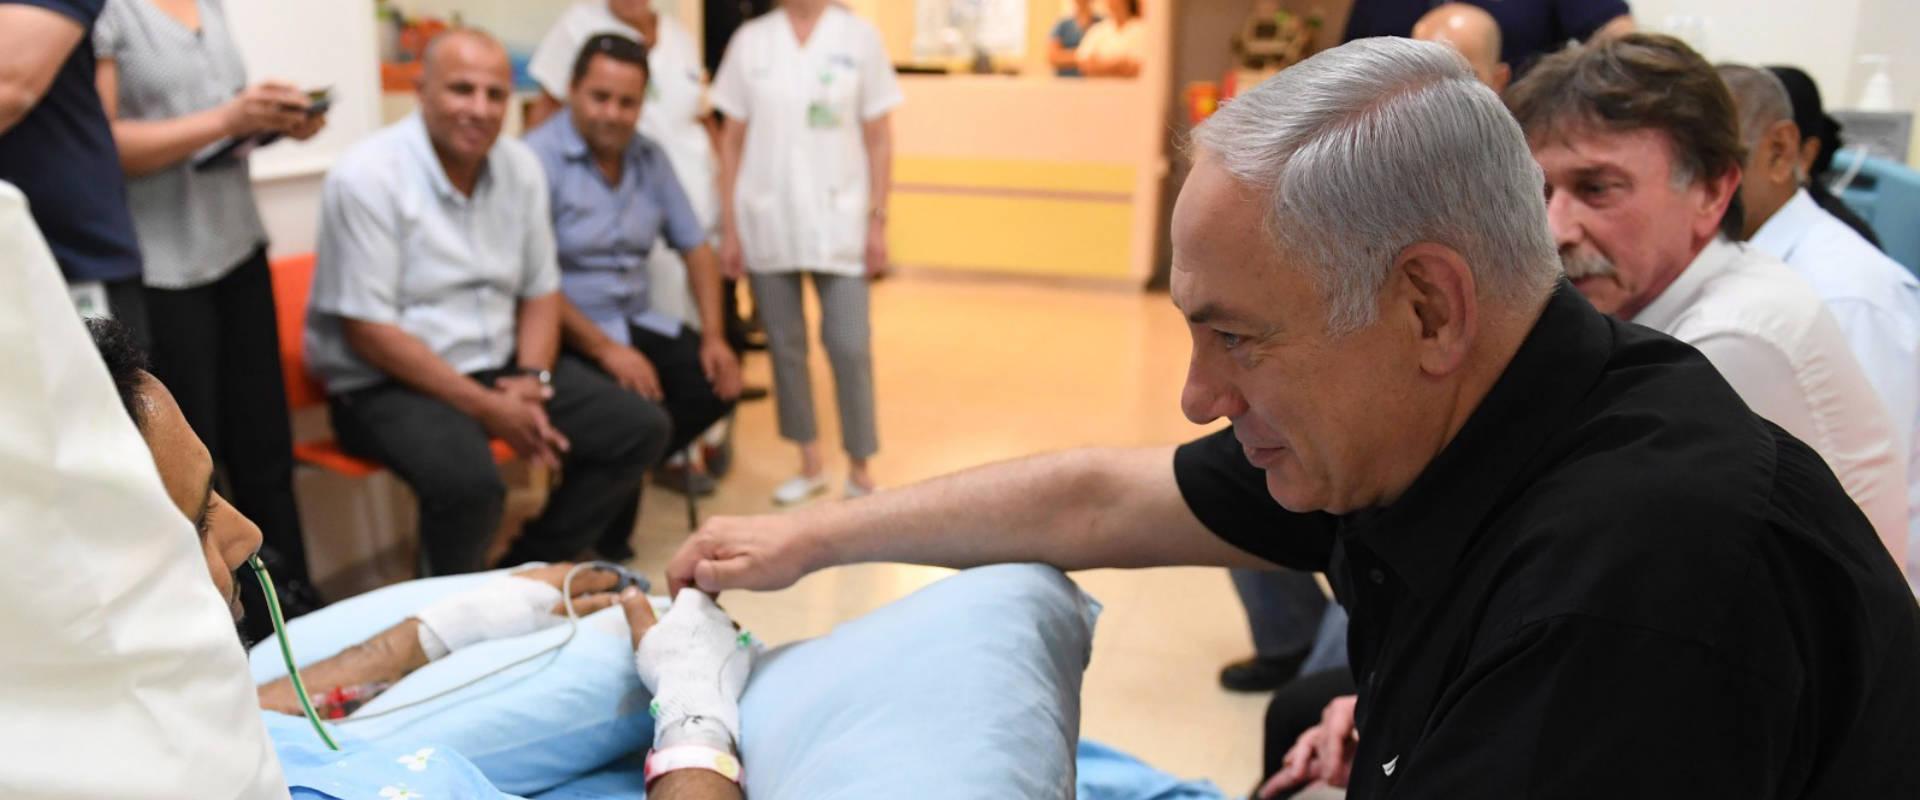 נתניהו מבקר את ניב נחמיה בבית החולים קפלן, היום